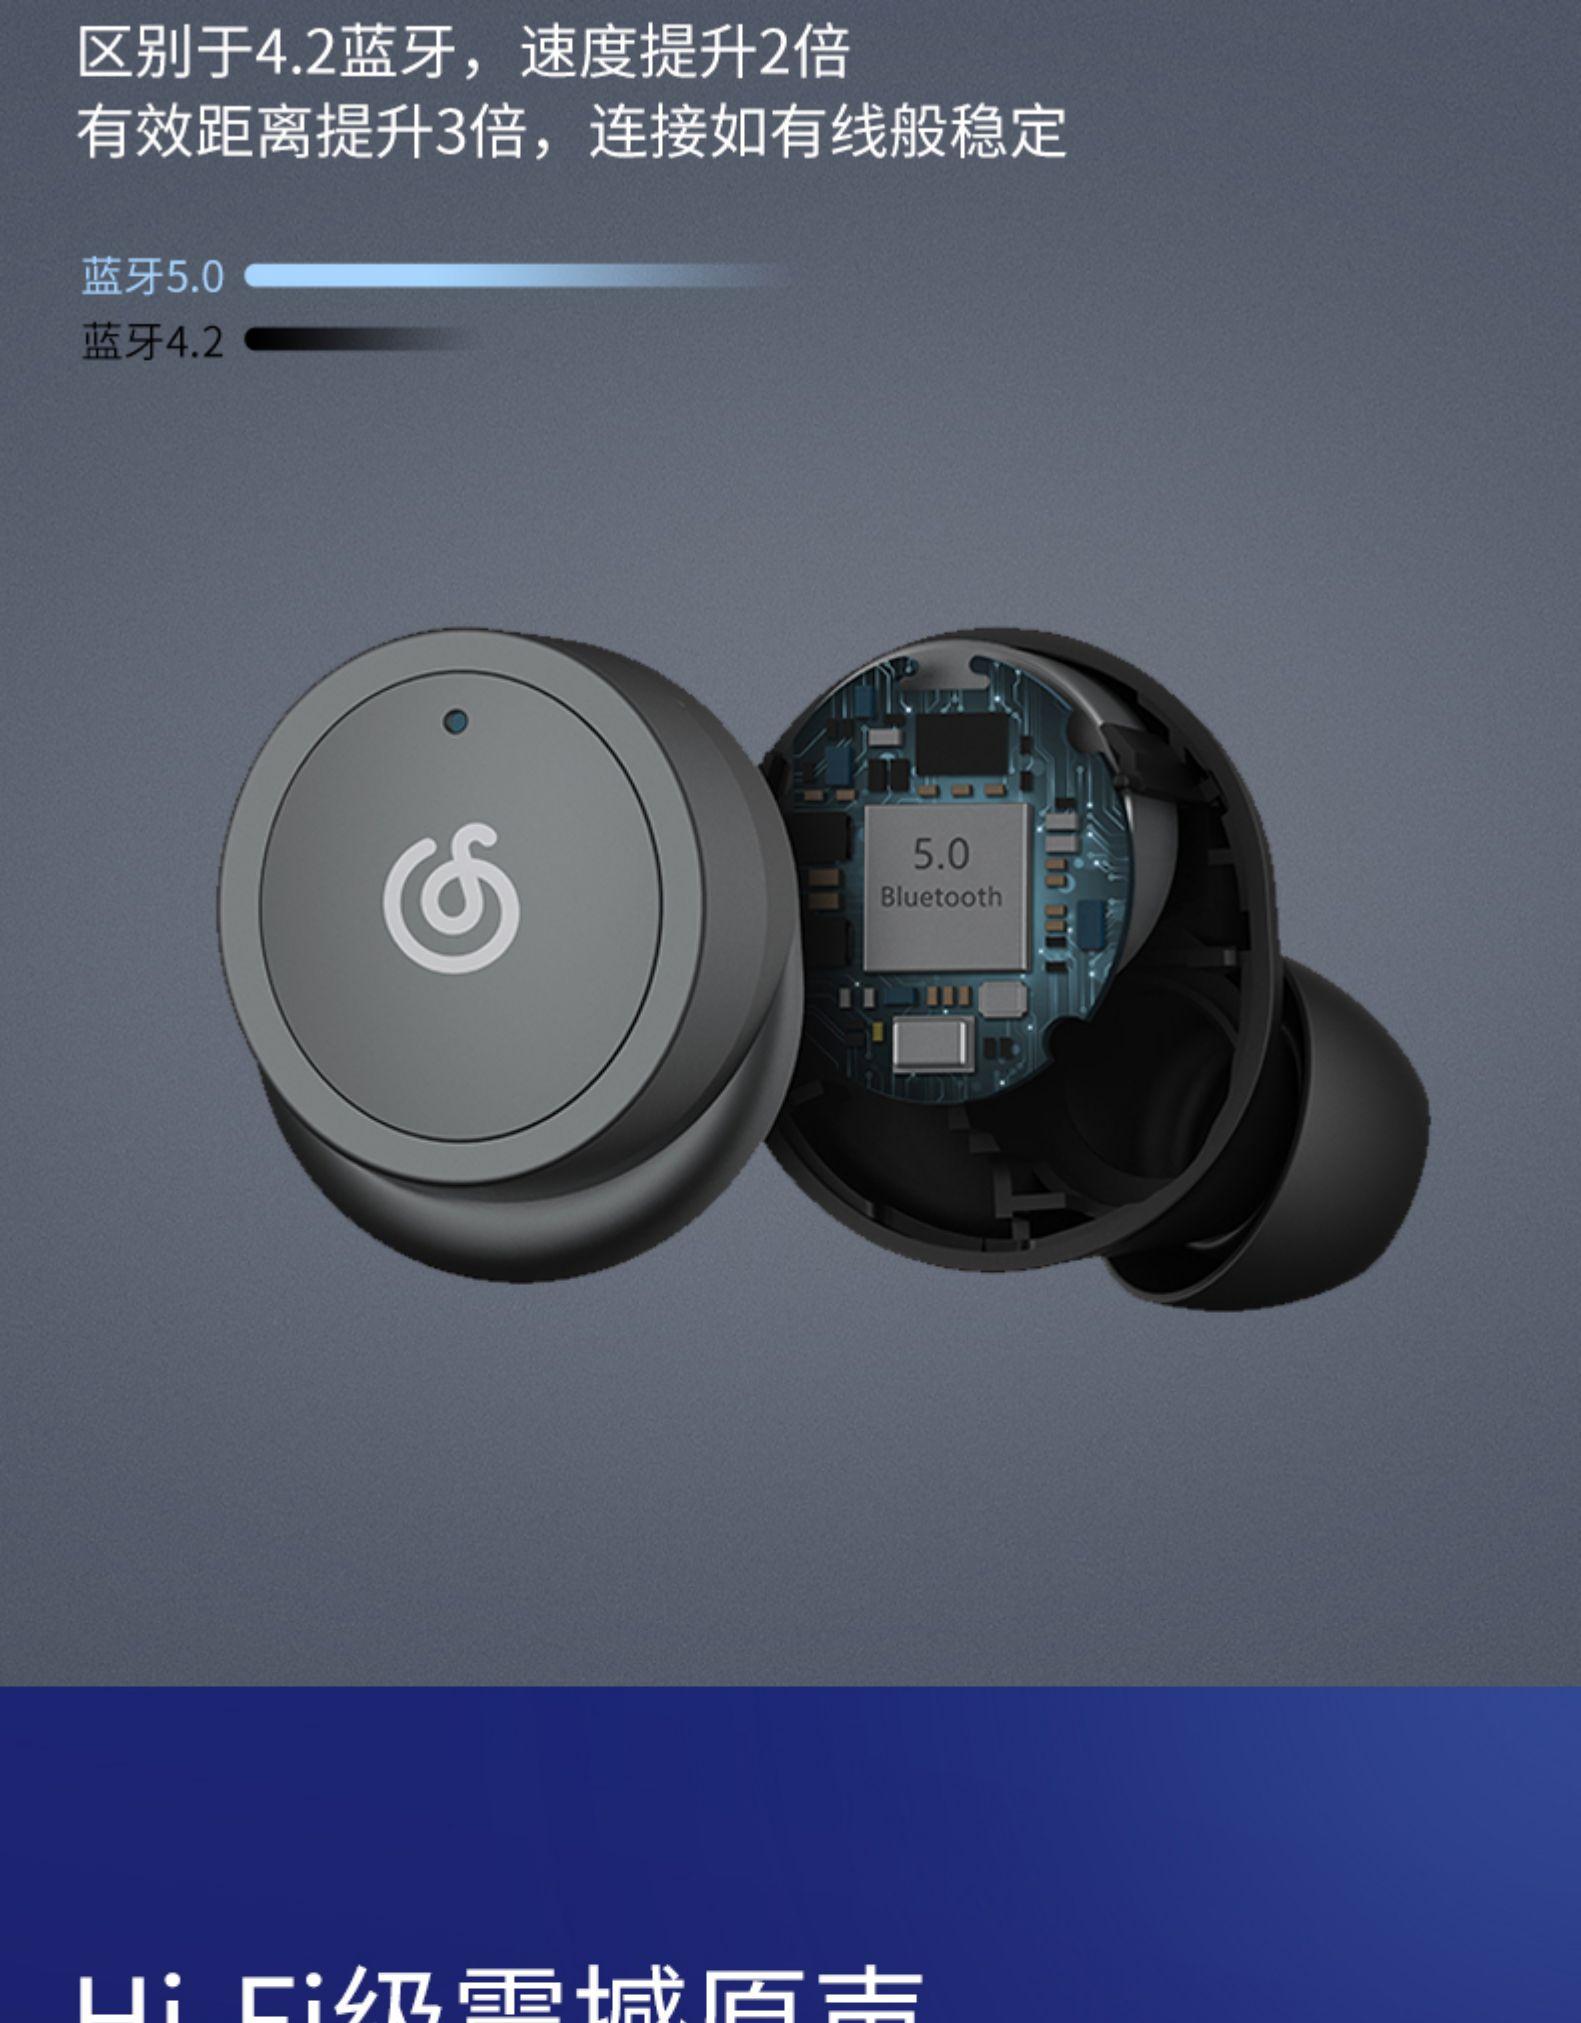 30天免费用:IPX5级防水,网易云音乐真无线耳机159元 第5张